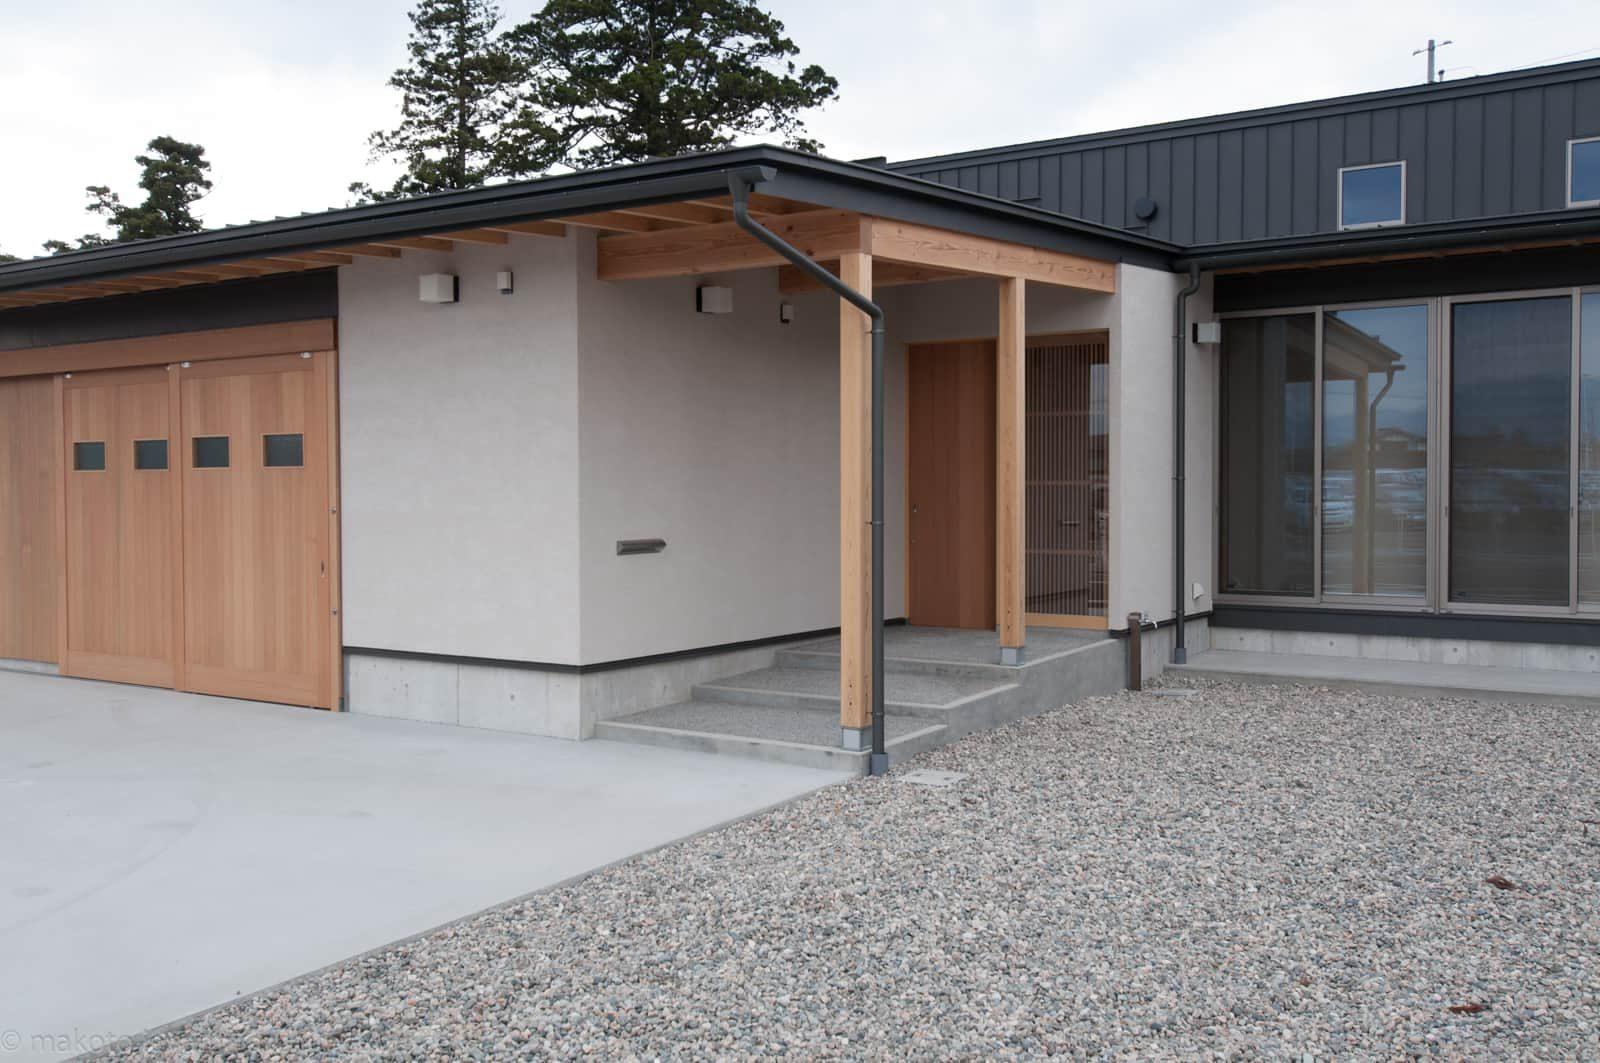 南砺市の家 玄関アプローチと車庫入口